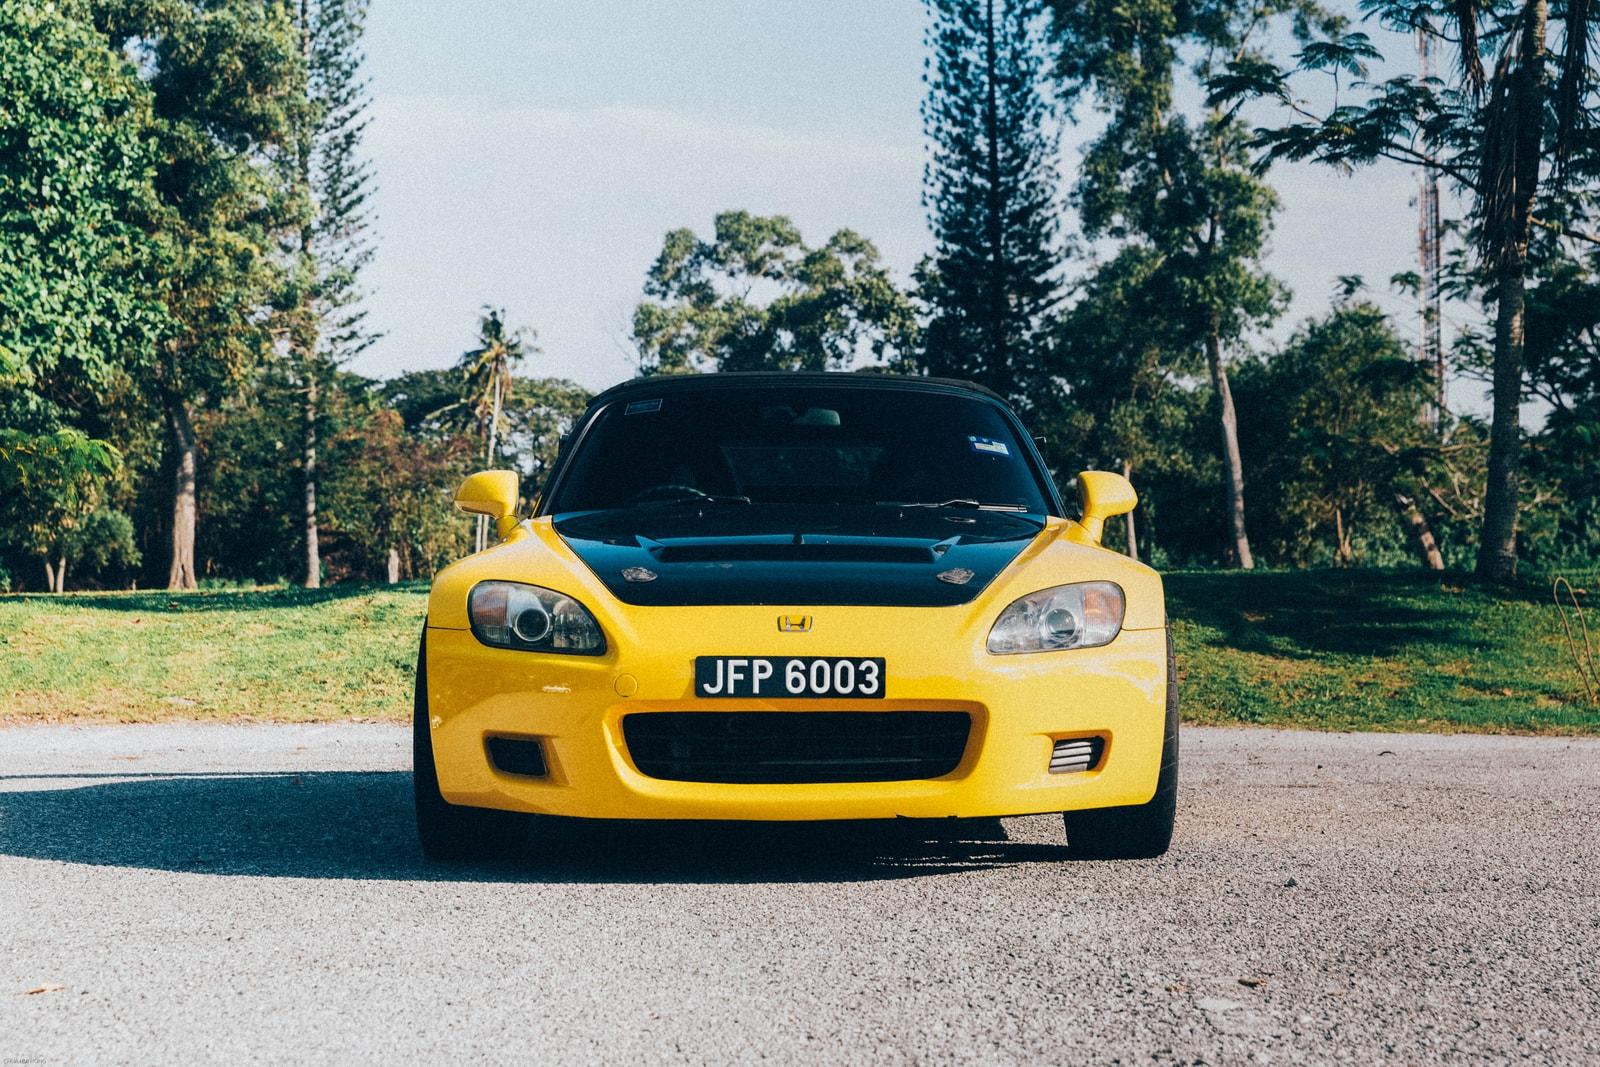 走進亞洲 JDM 玩車重鎮:馬來西亞|HYPEBEAST 獨家專訪當地三位 JDM 車款收藏家